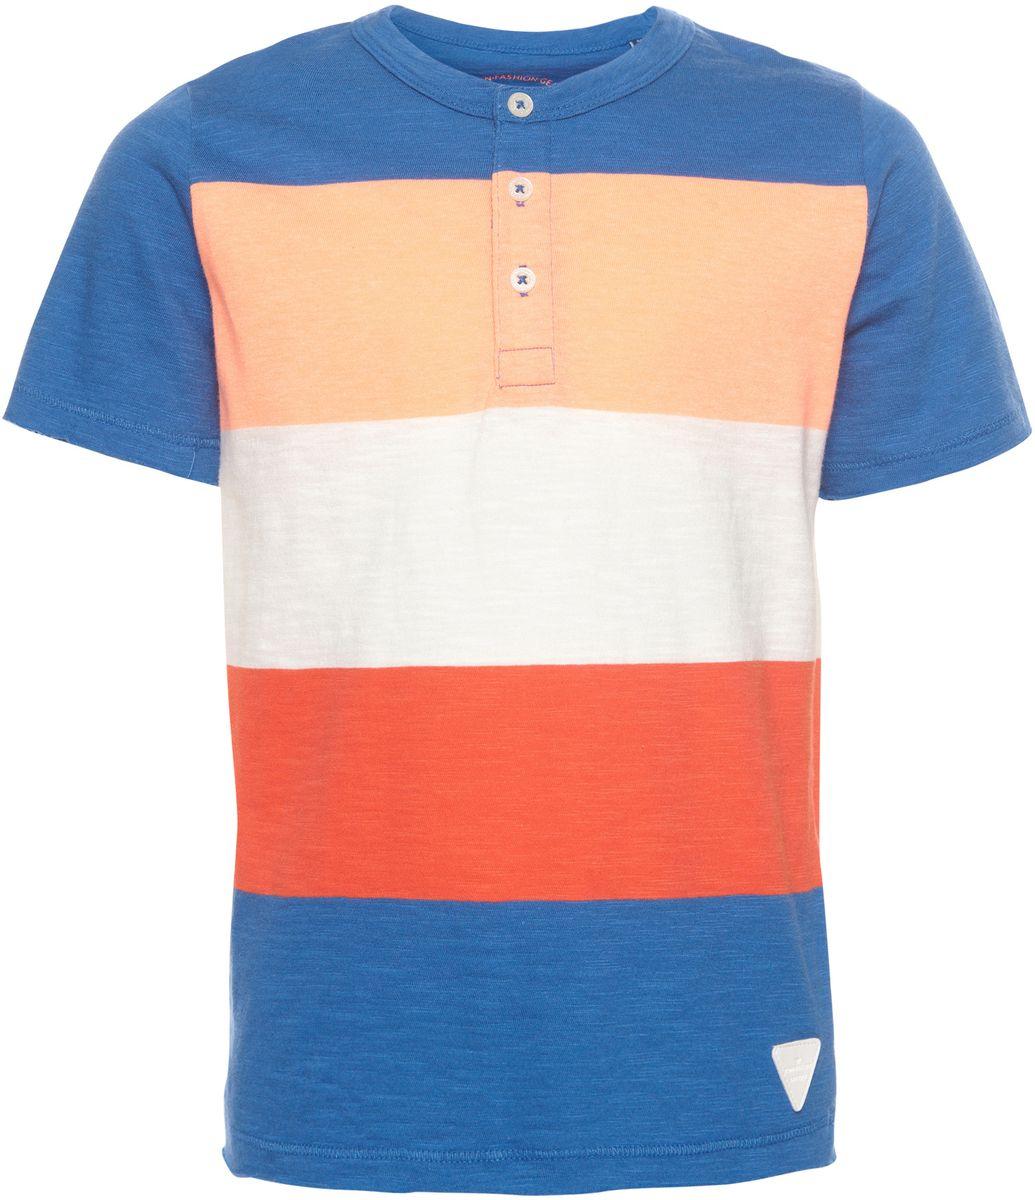 Футболка для мальчика Tom Tailor, цвет: синий, оранжевый, белый. 1037032.00.82_6069. Размер 104/110 рубашка для мальчика tom tailor цвет красный 2033684 00 82 5479 размер 104 110